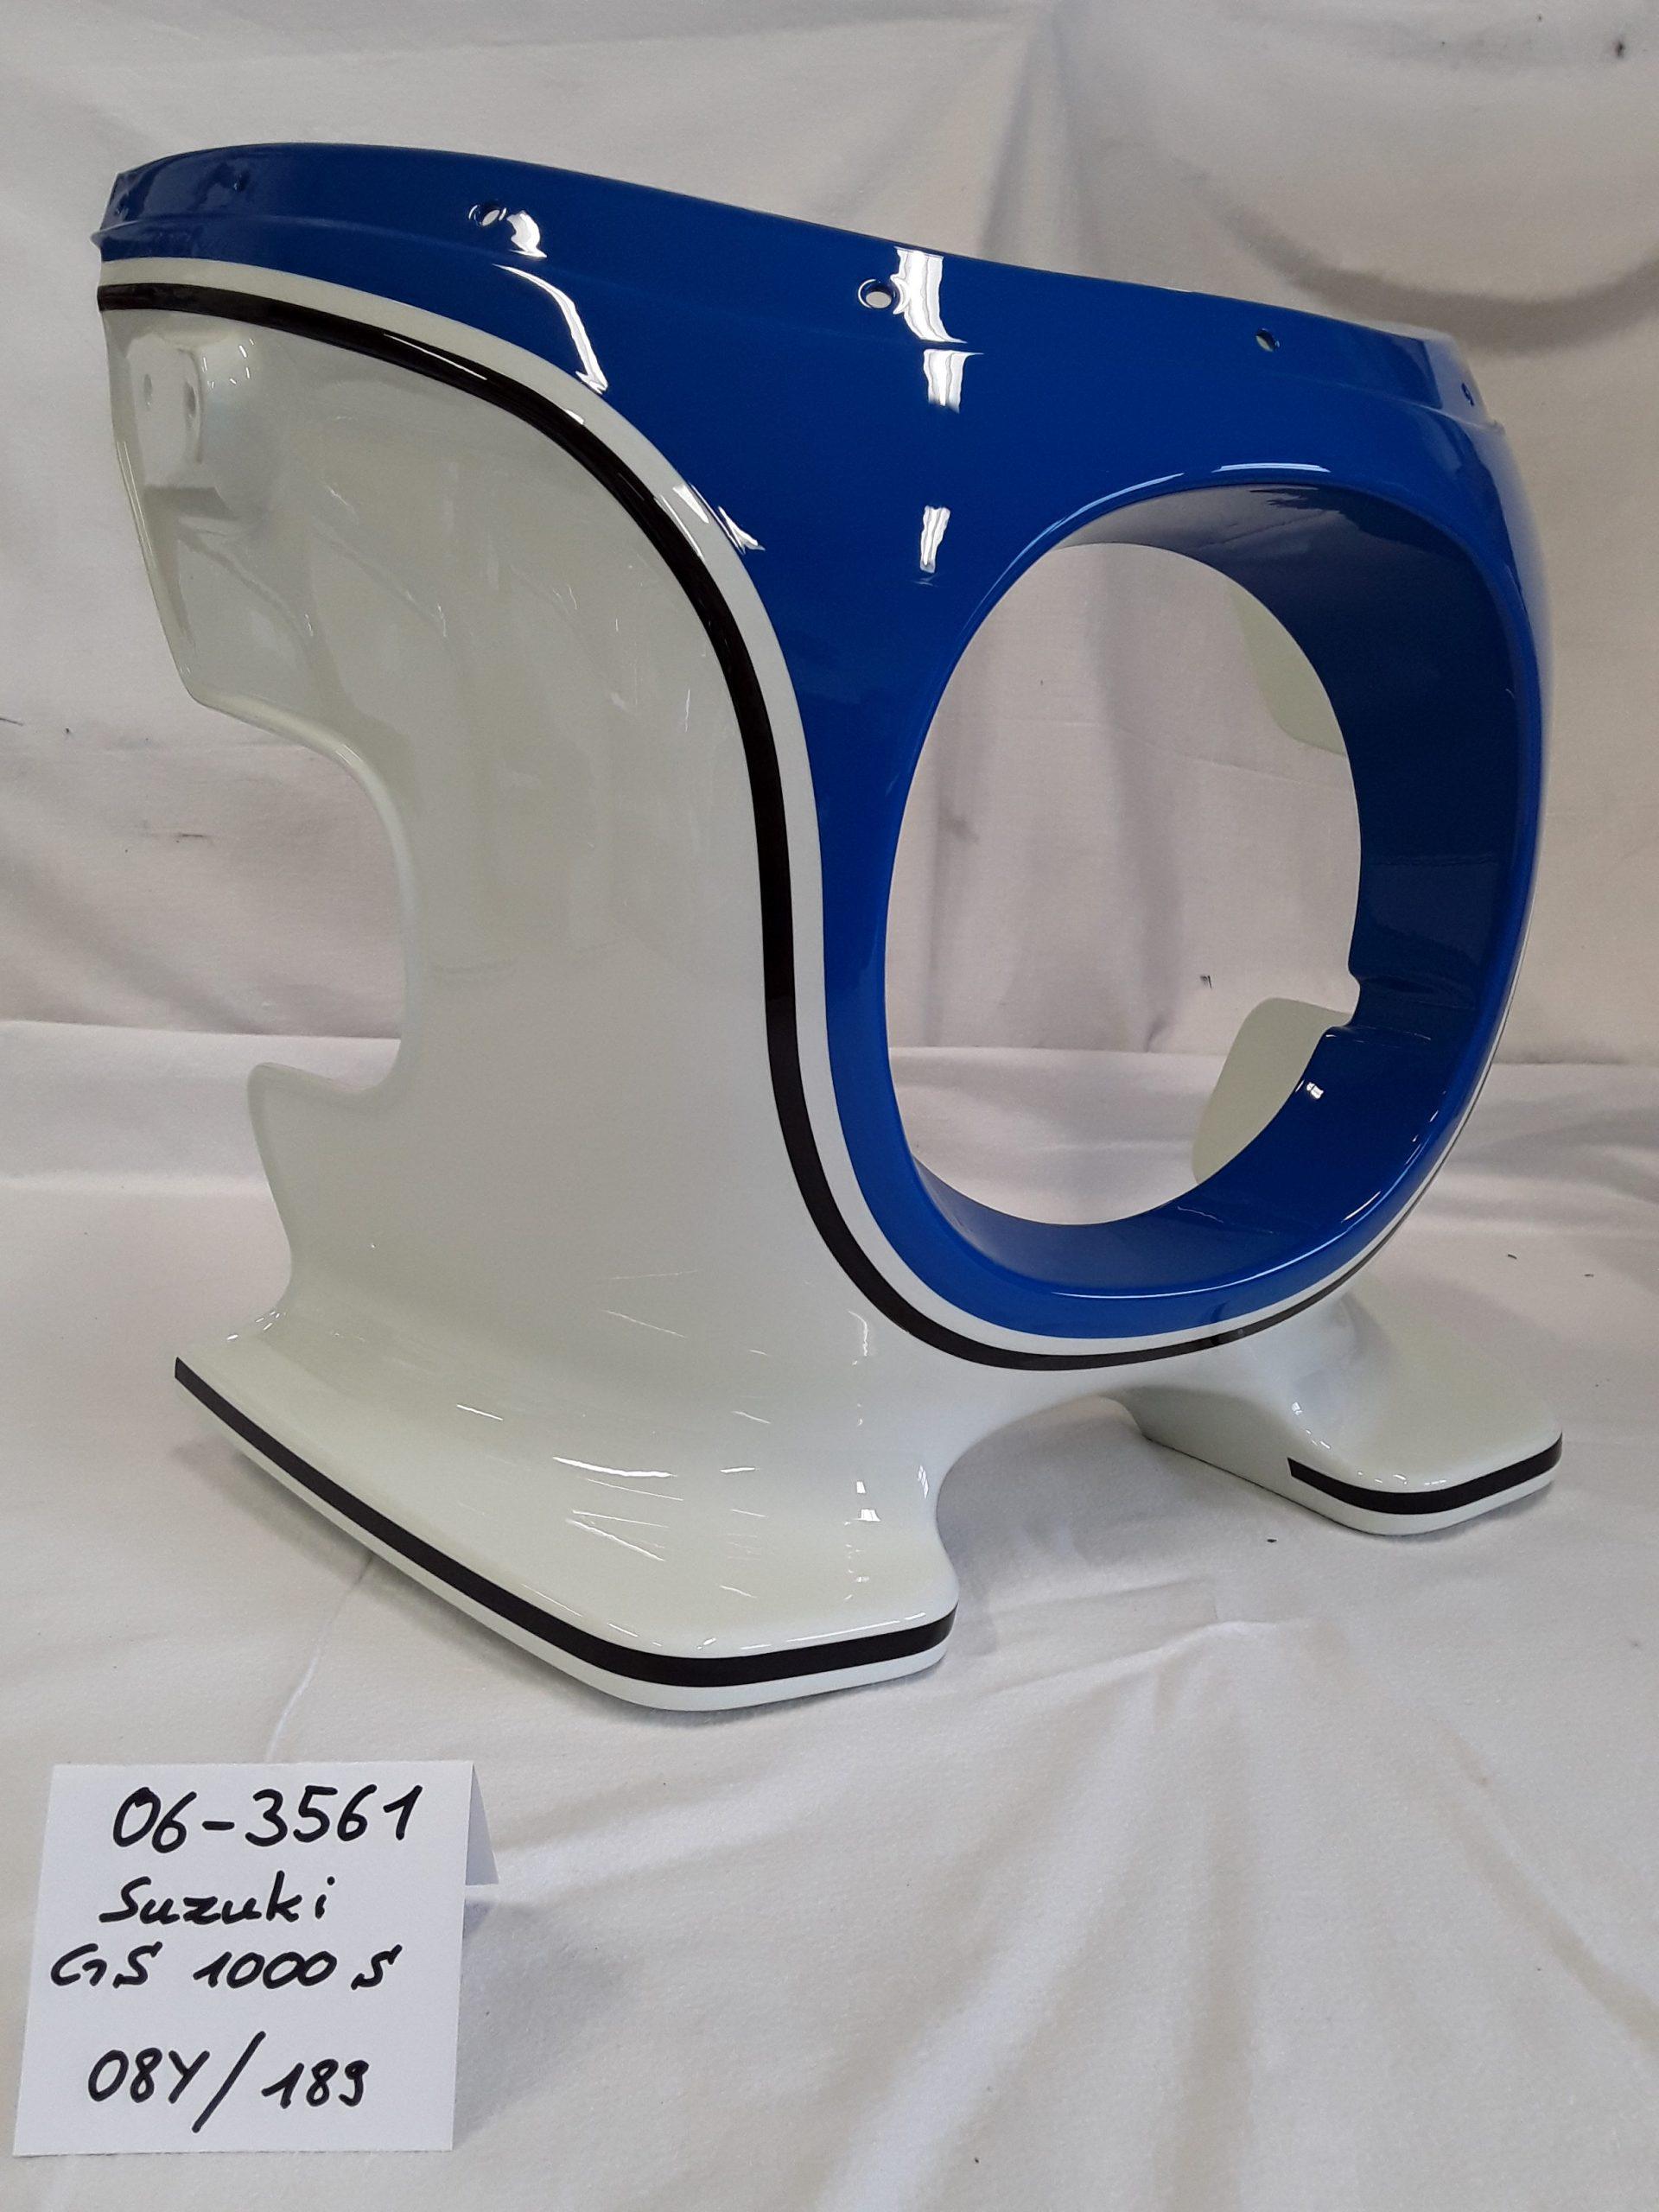 Suzuki GS1000S in racing blue 08Y und egret white 189 RH-Lacke Lackiererei Motorradlackierung 06-3561